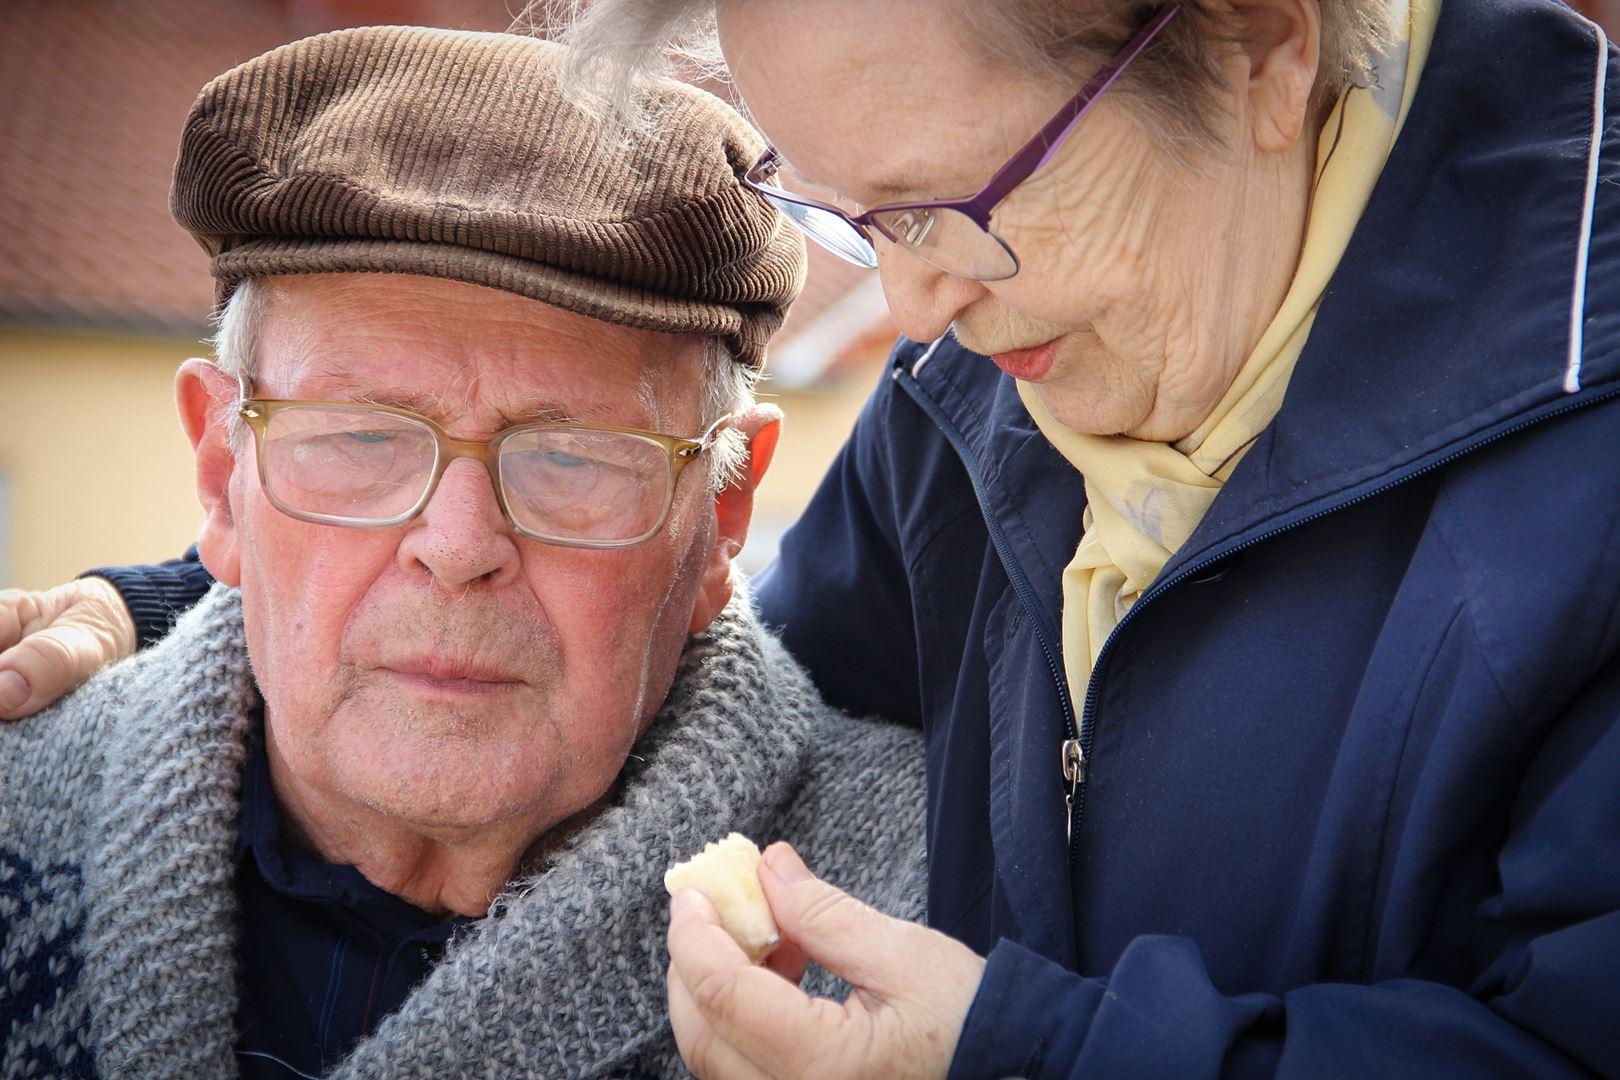 קלינאית תקשורת לטיפול באפזיה - Restart Therapy שיקום פרטי בבית הלקוח